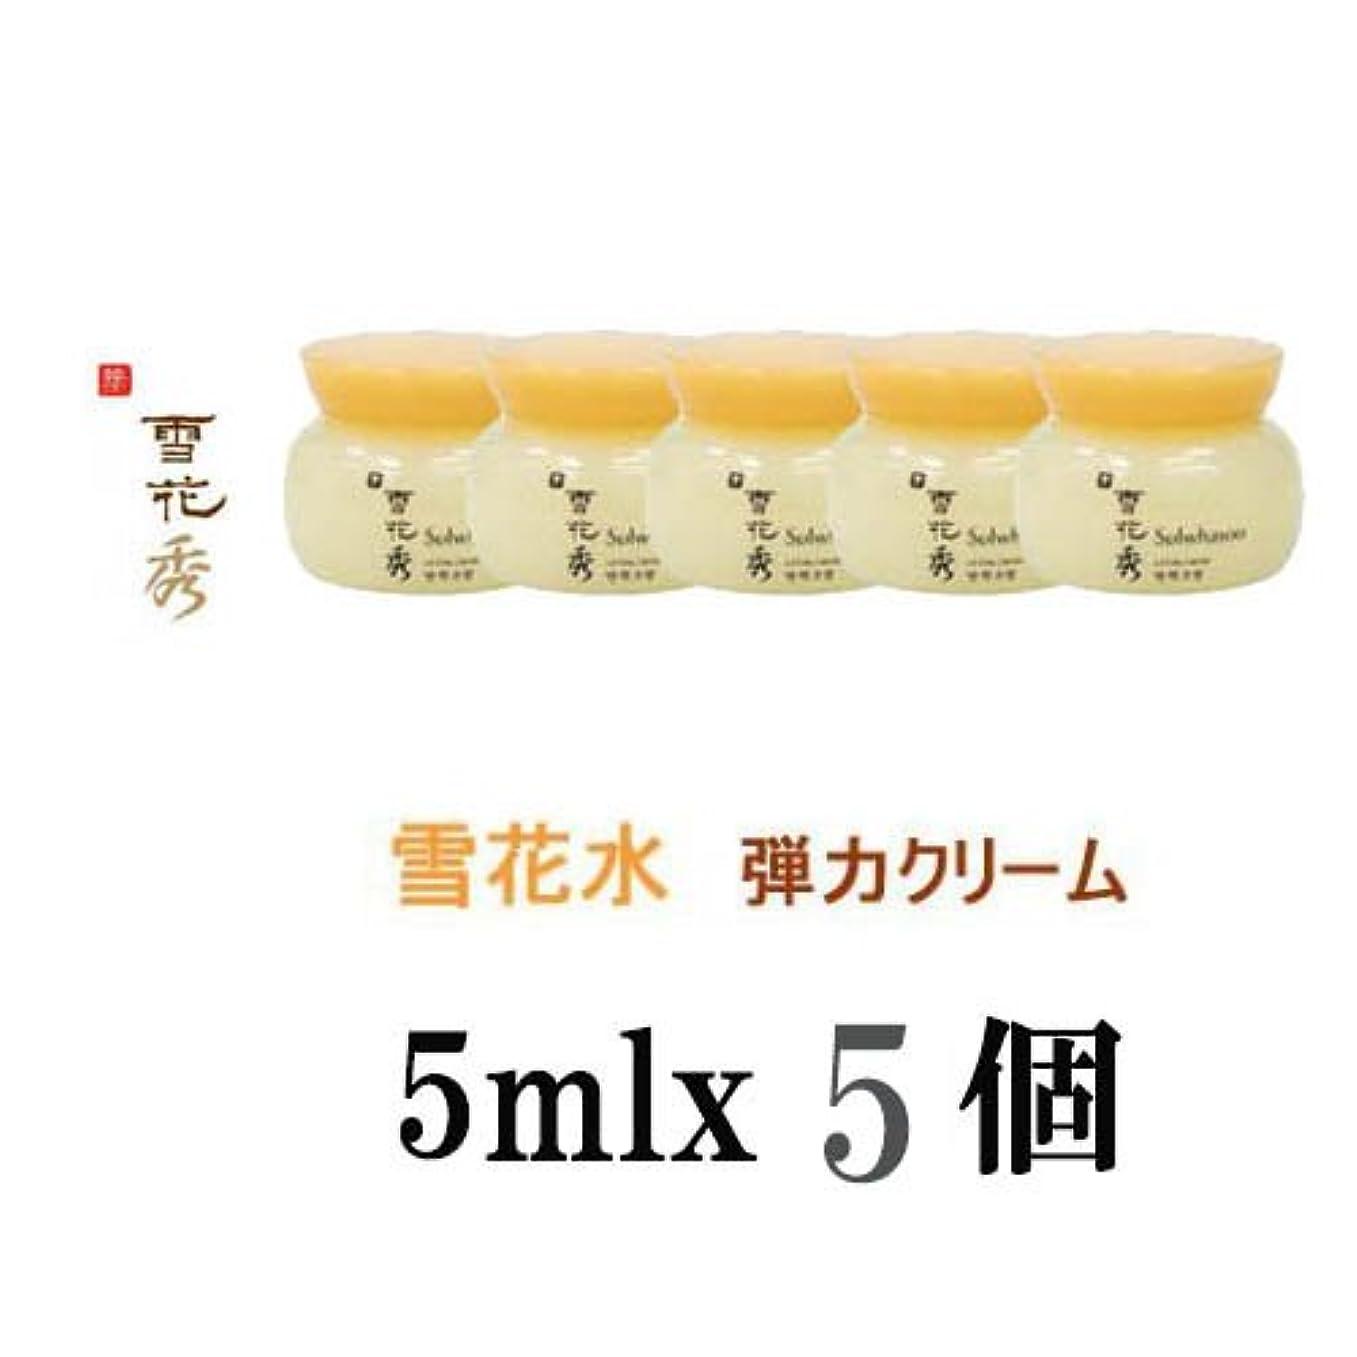 メインほめる無駄に雪花秀/ソルファス 弾力クリーム潤い/乾燥肌/漢方コスメ//5mlx5個